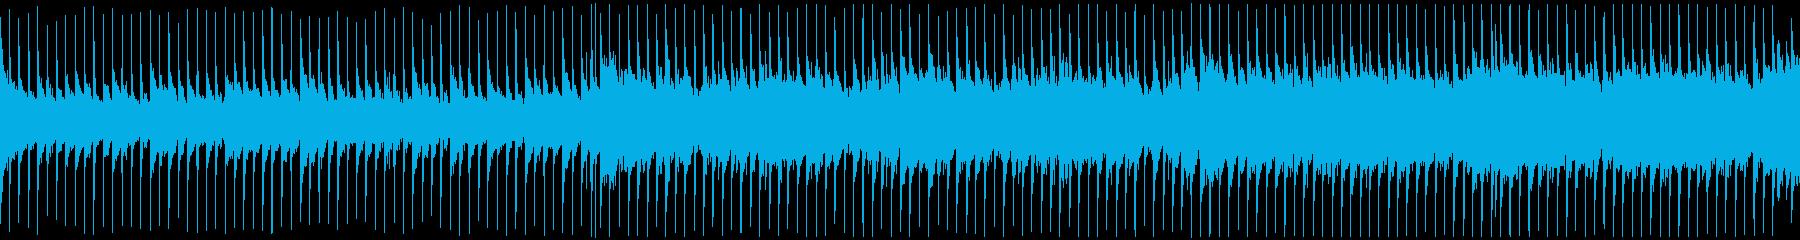 VP系14、高揚感と疾走感のあるロックCの再生済みの波形